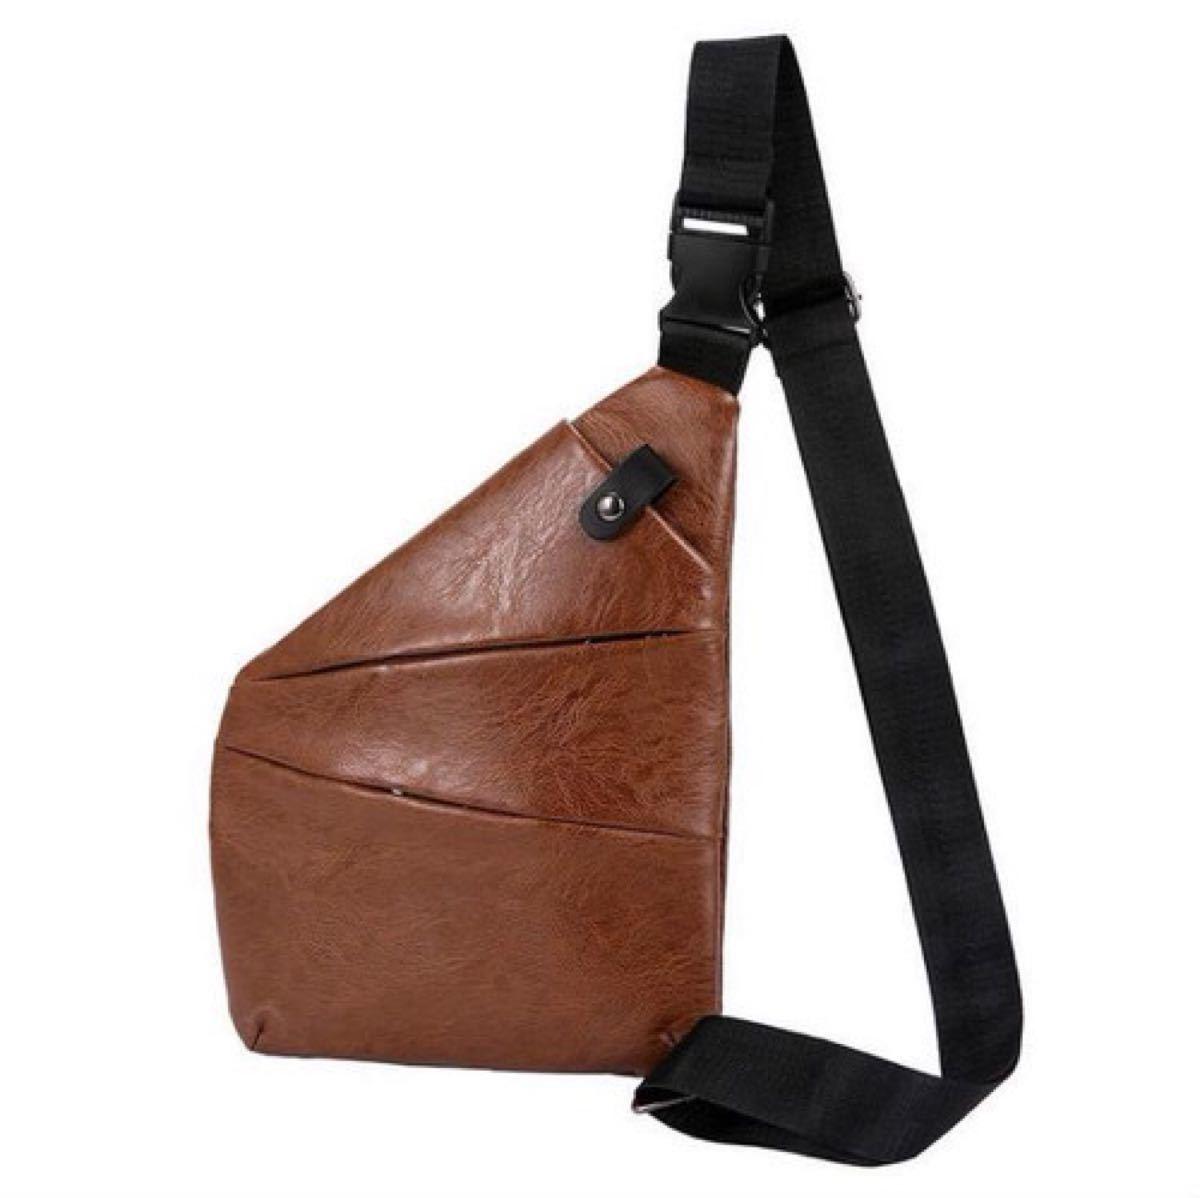 ボディバッグ ボディーバッグ ショルダーバッグ メンズ ブラウン 小物 鞄 ポケット 高品質 斜め掛け 斜め掛けバッグ 斜め掛け